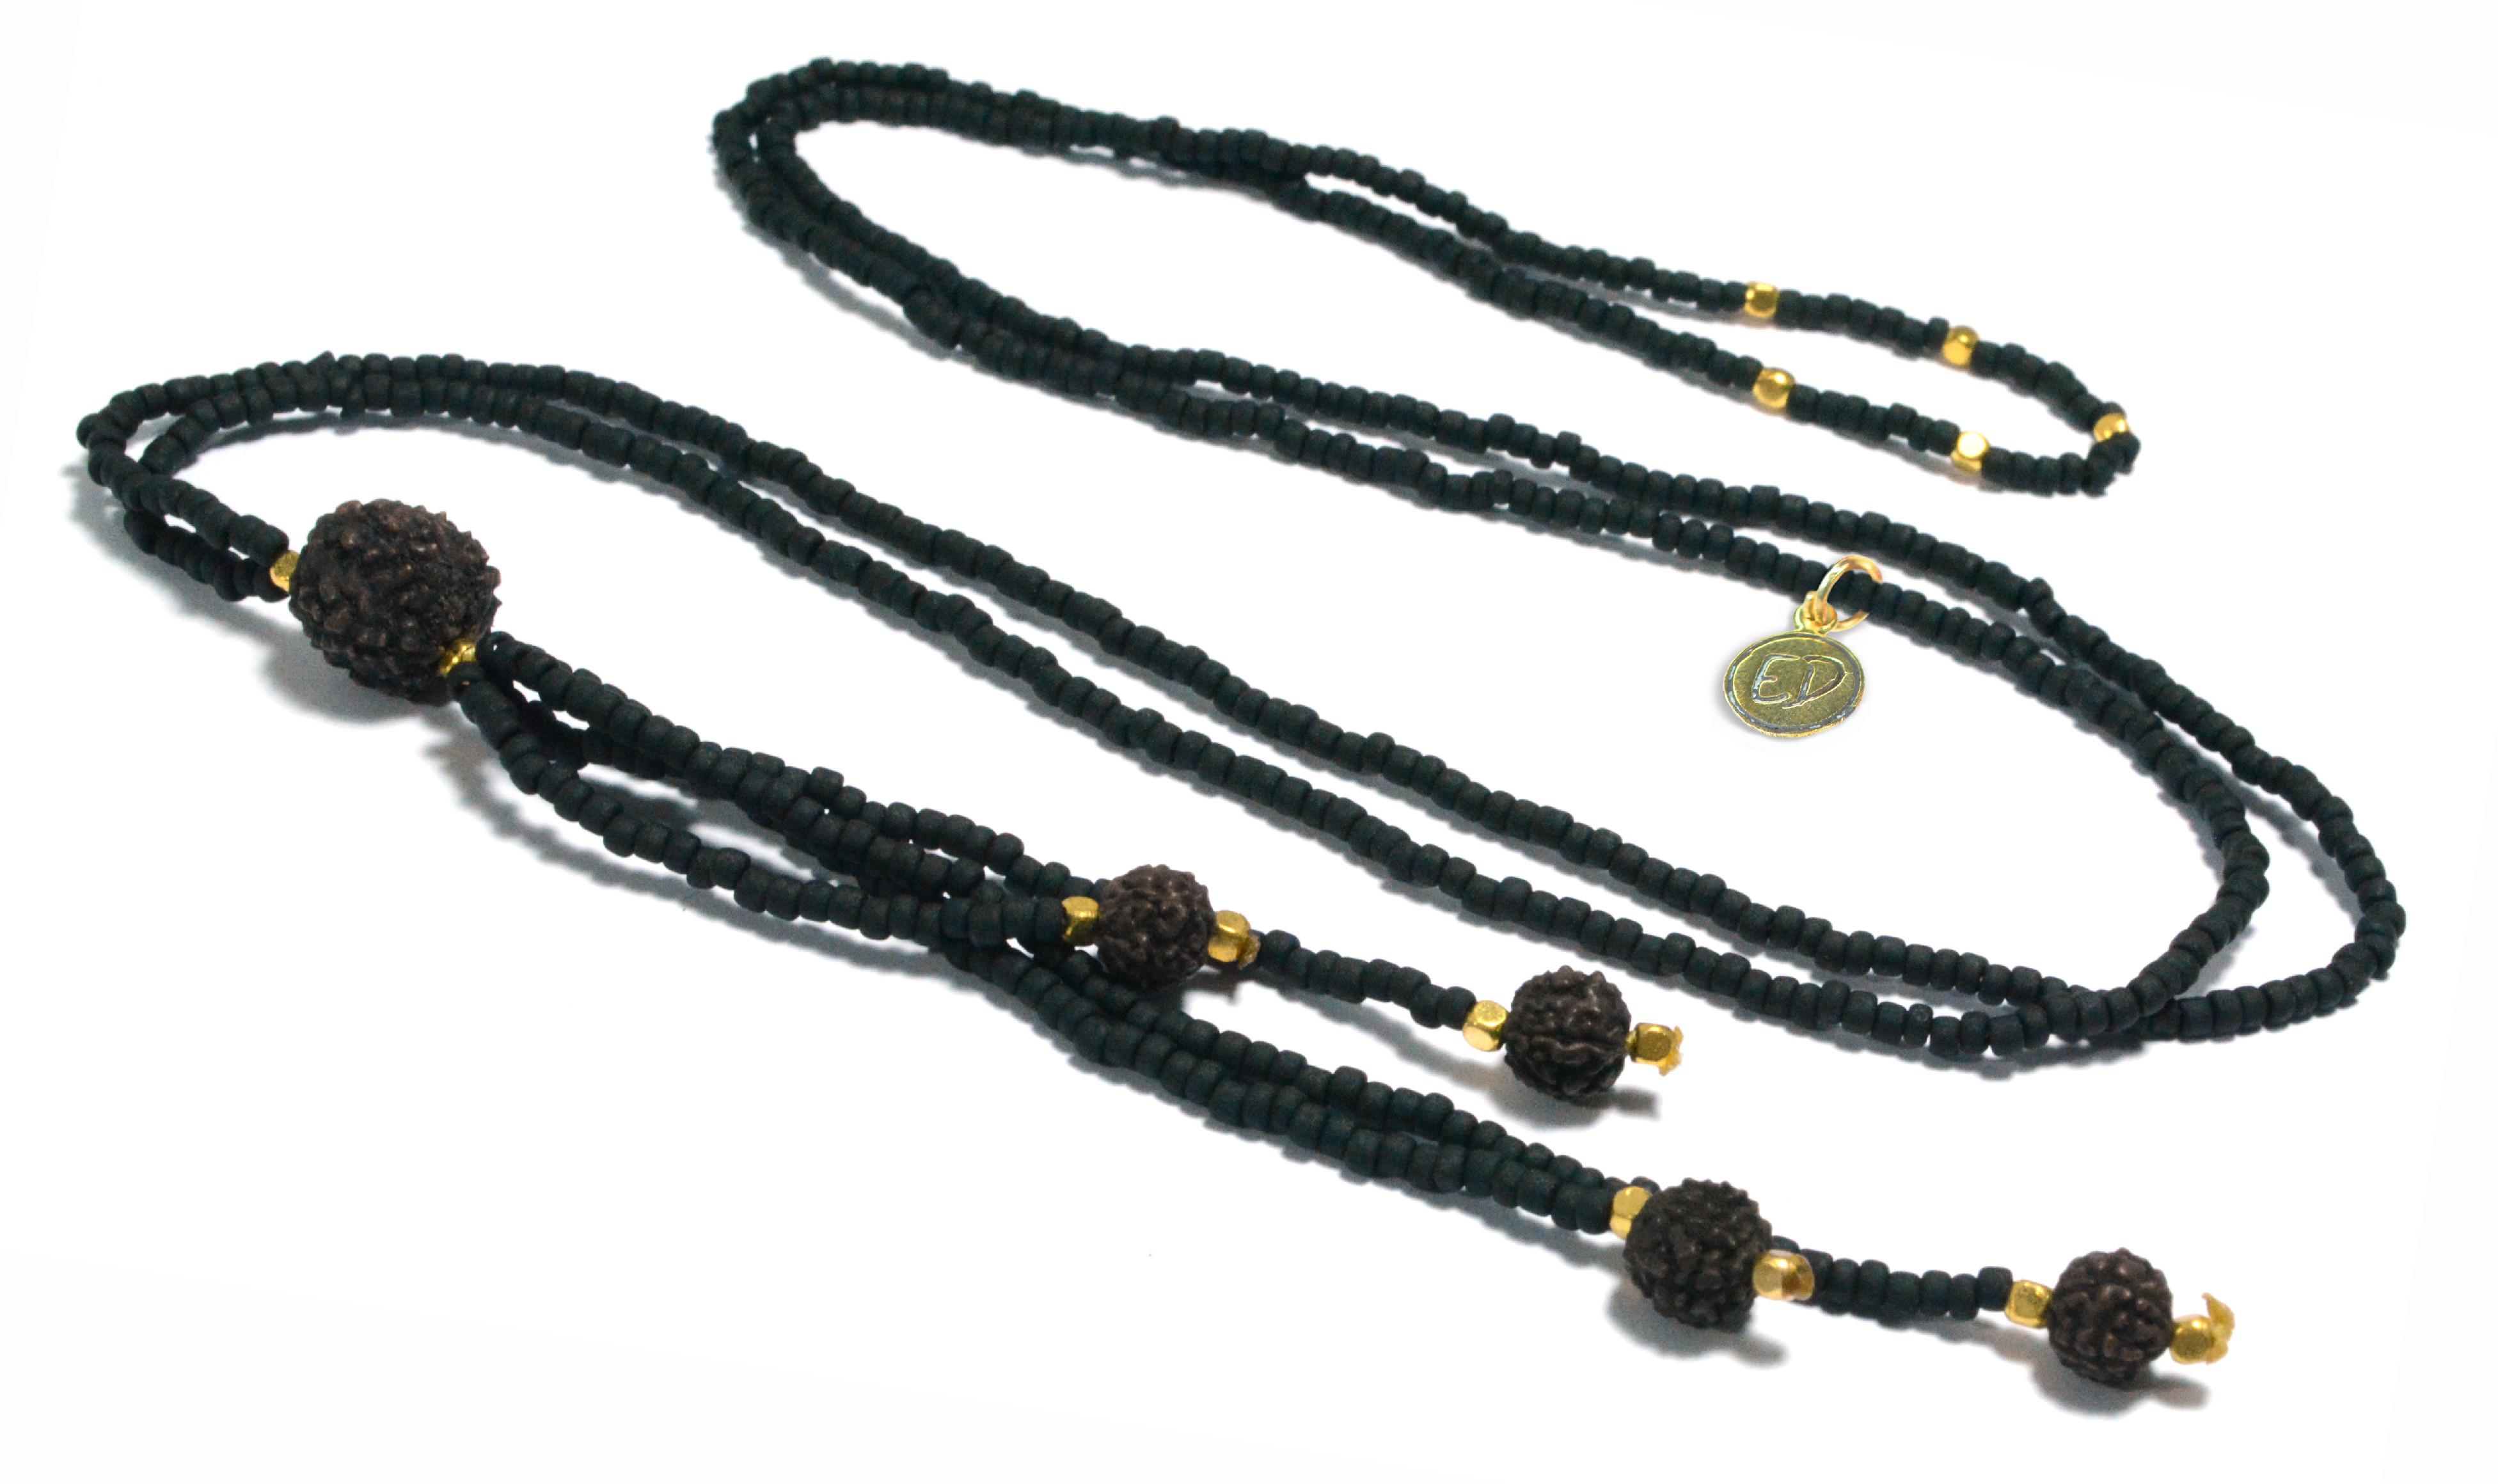 Dámsky prírodný náhrdelník z japonského rokajlu a rudrakshy - čierny